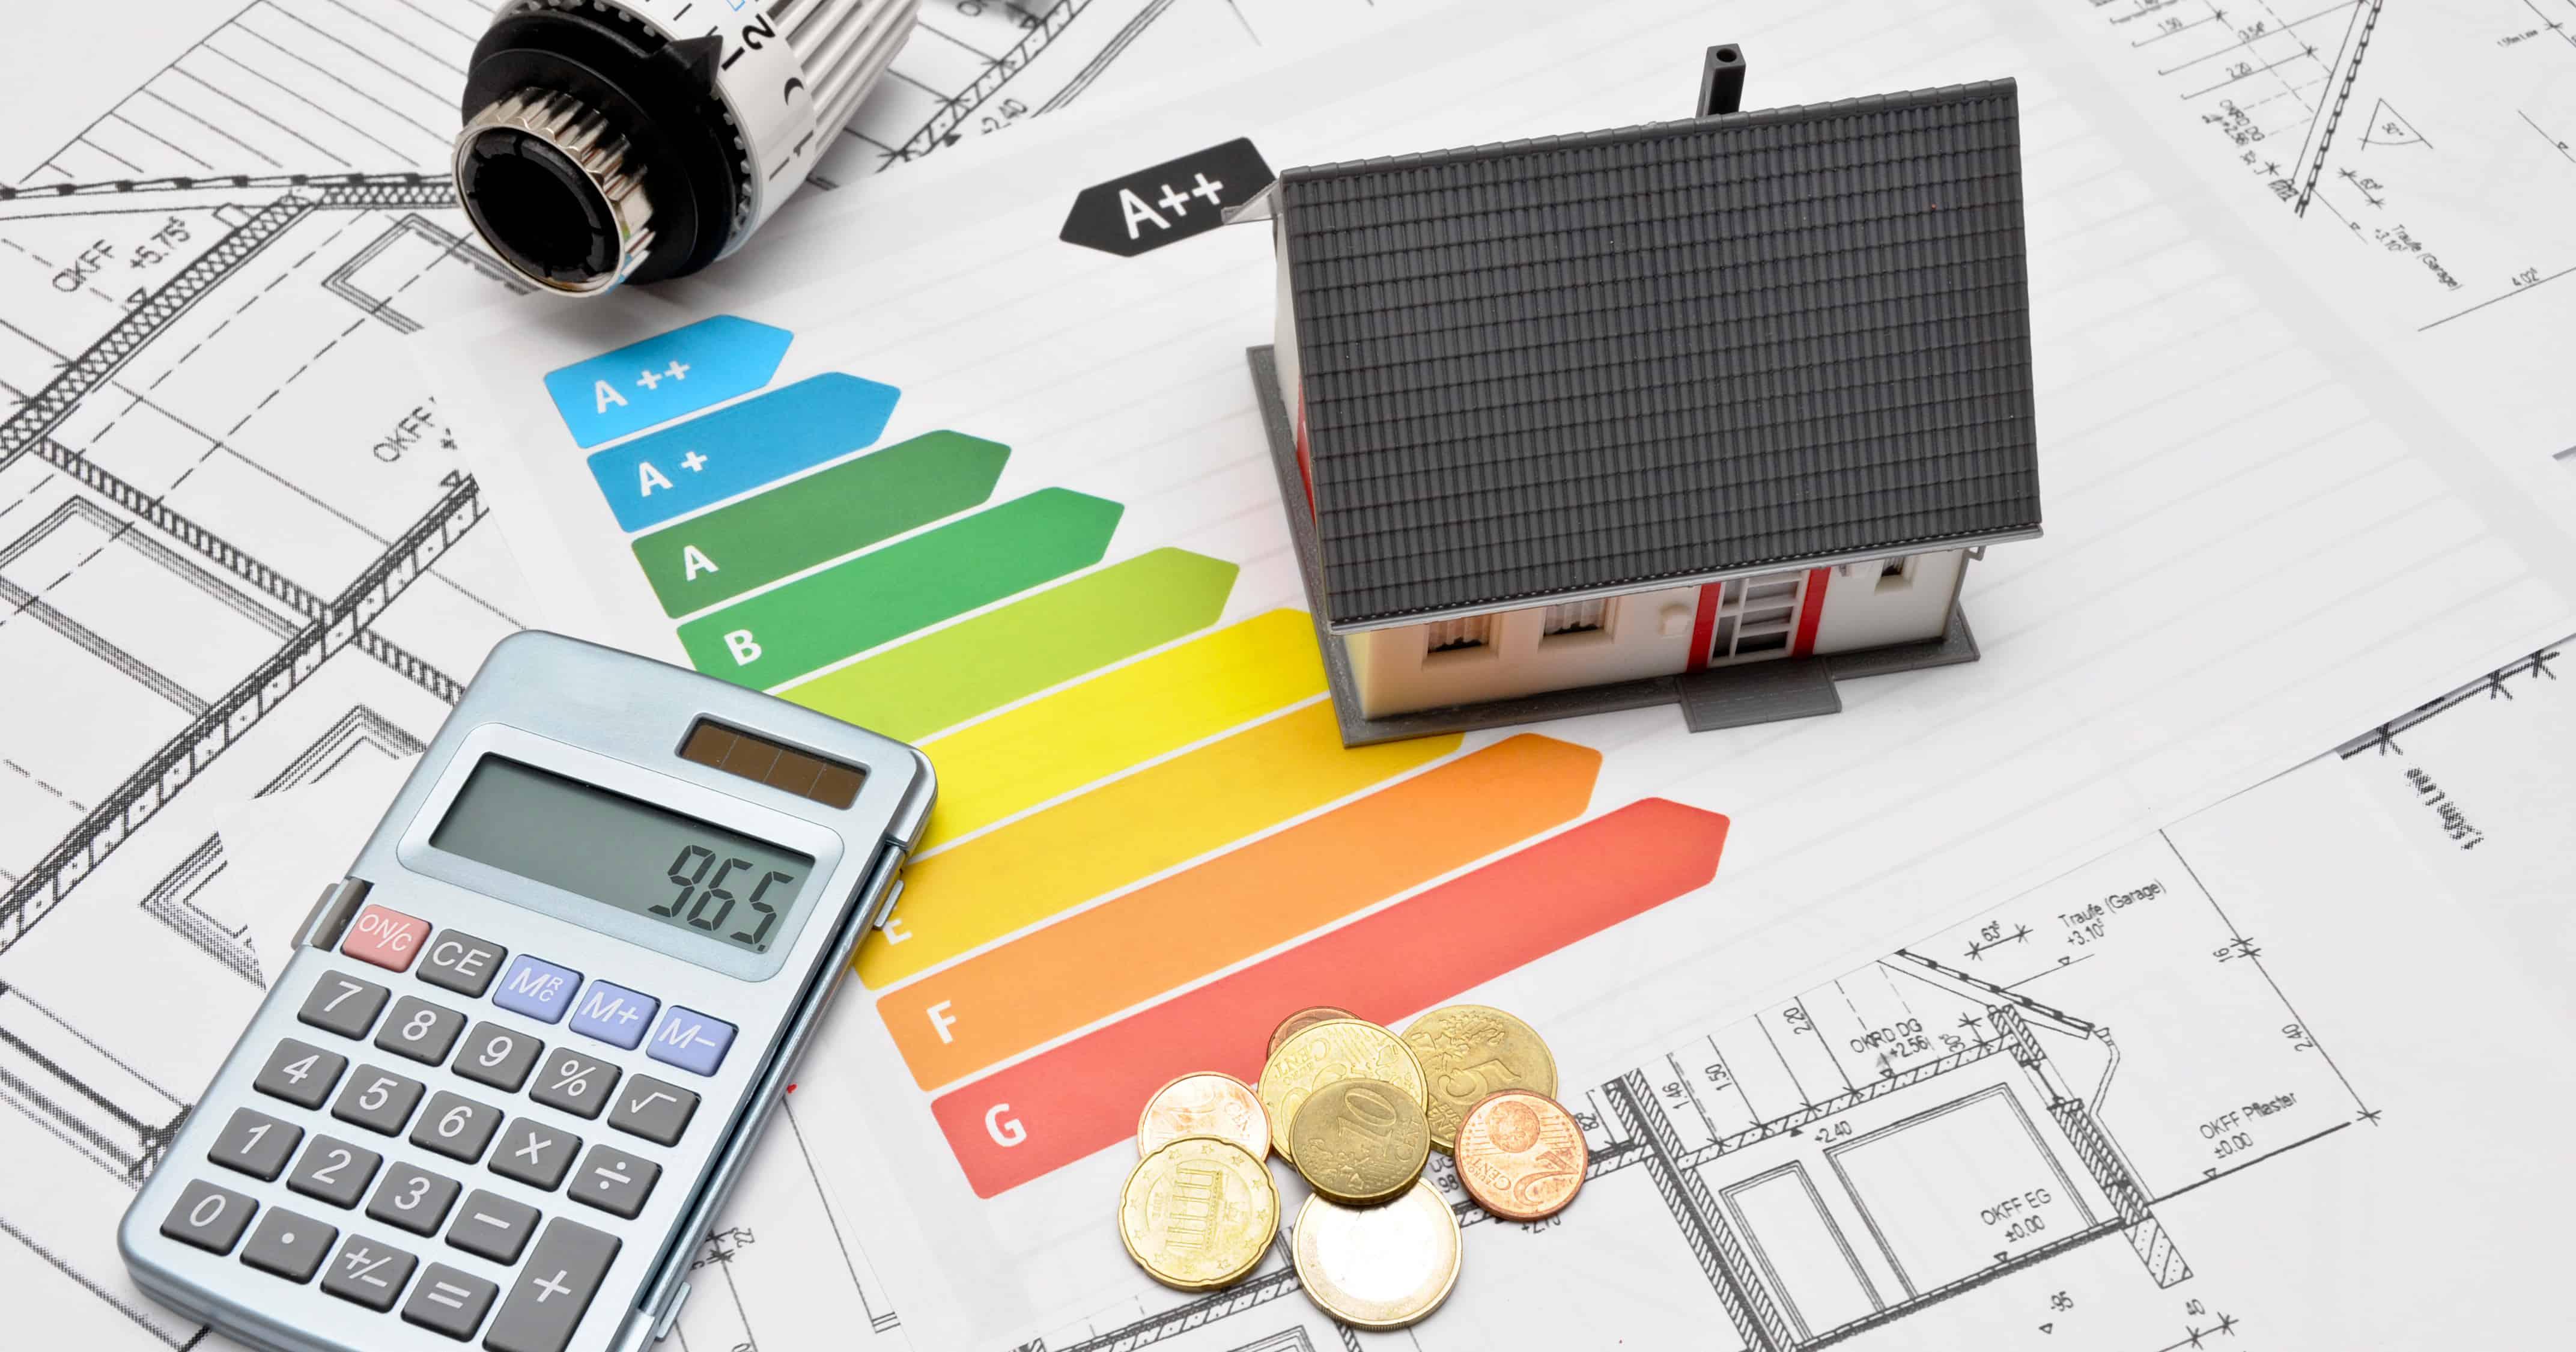 betriebskosten f r haus automatisch berechnen mit. Black Bedroom Furniture Sets. Home Design Ideas